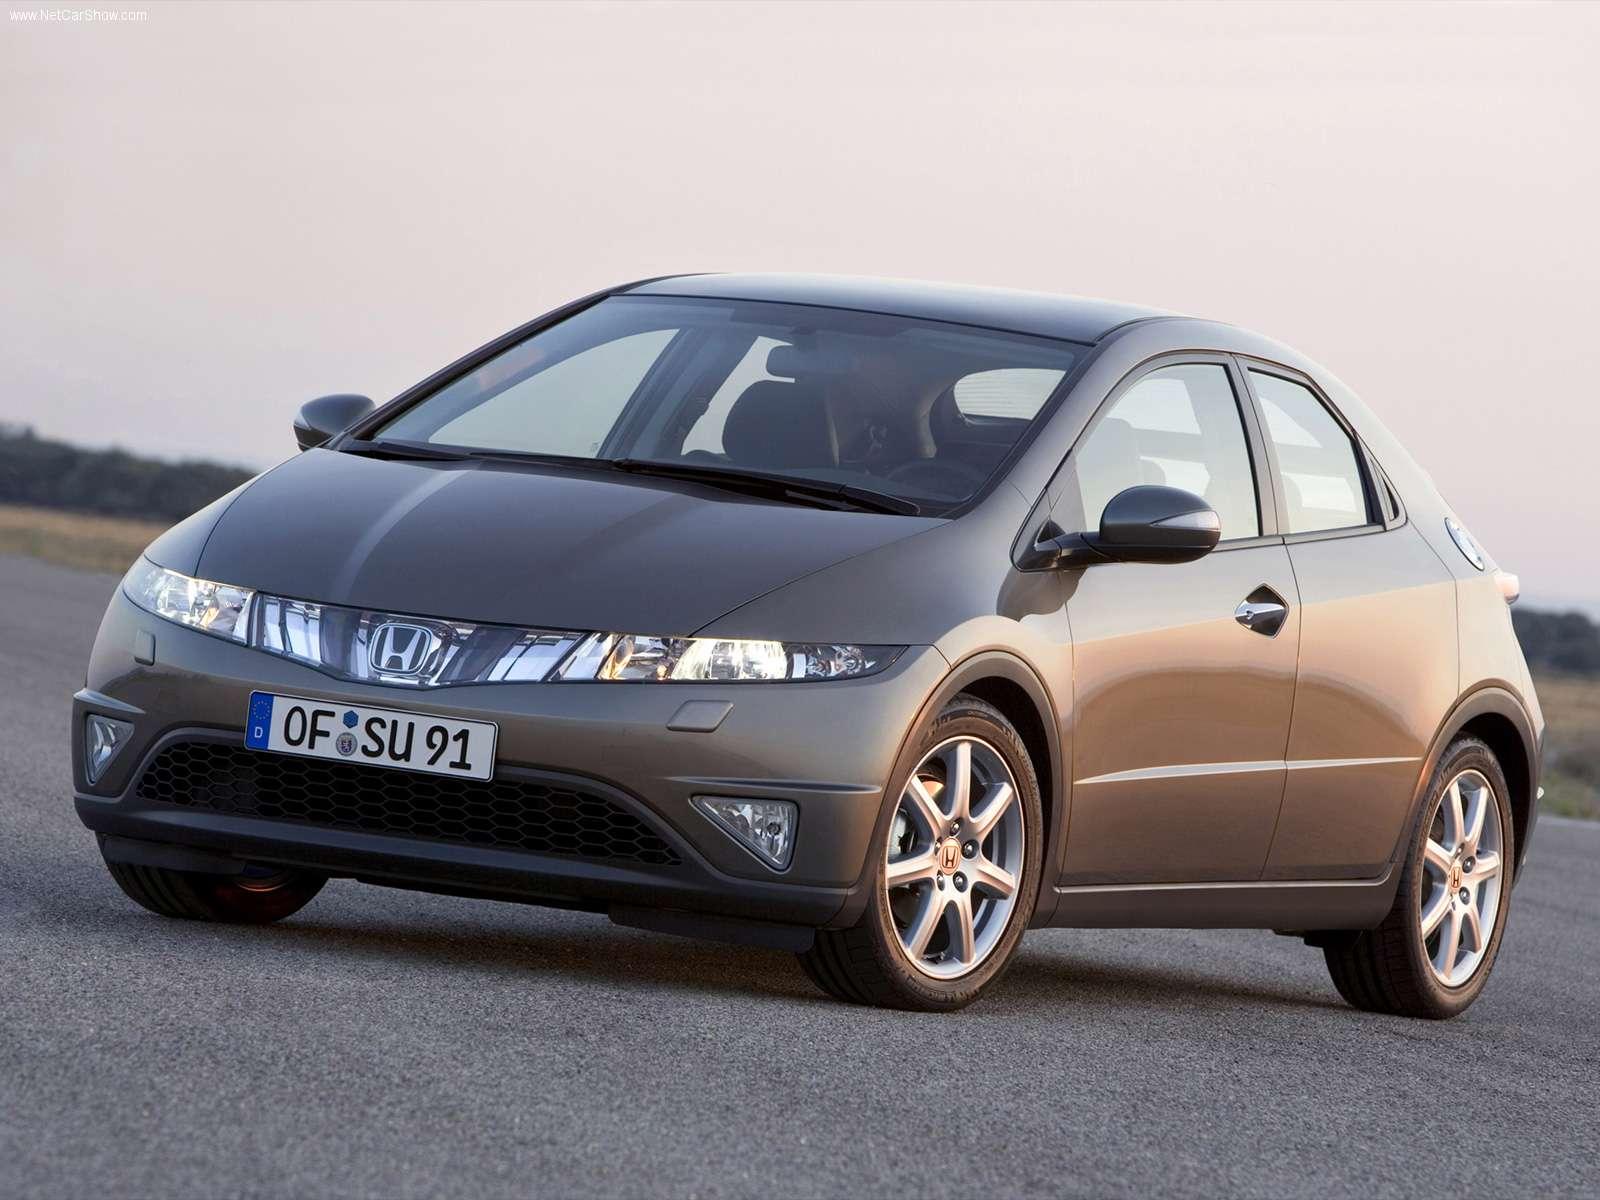 Pondering Cars: 2012 Euro Honda Civic